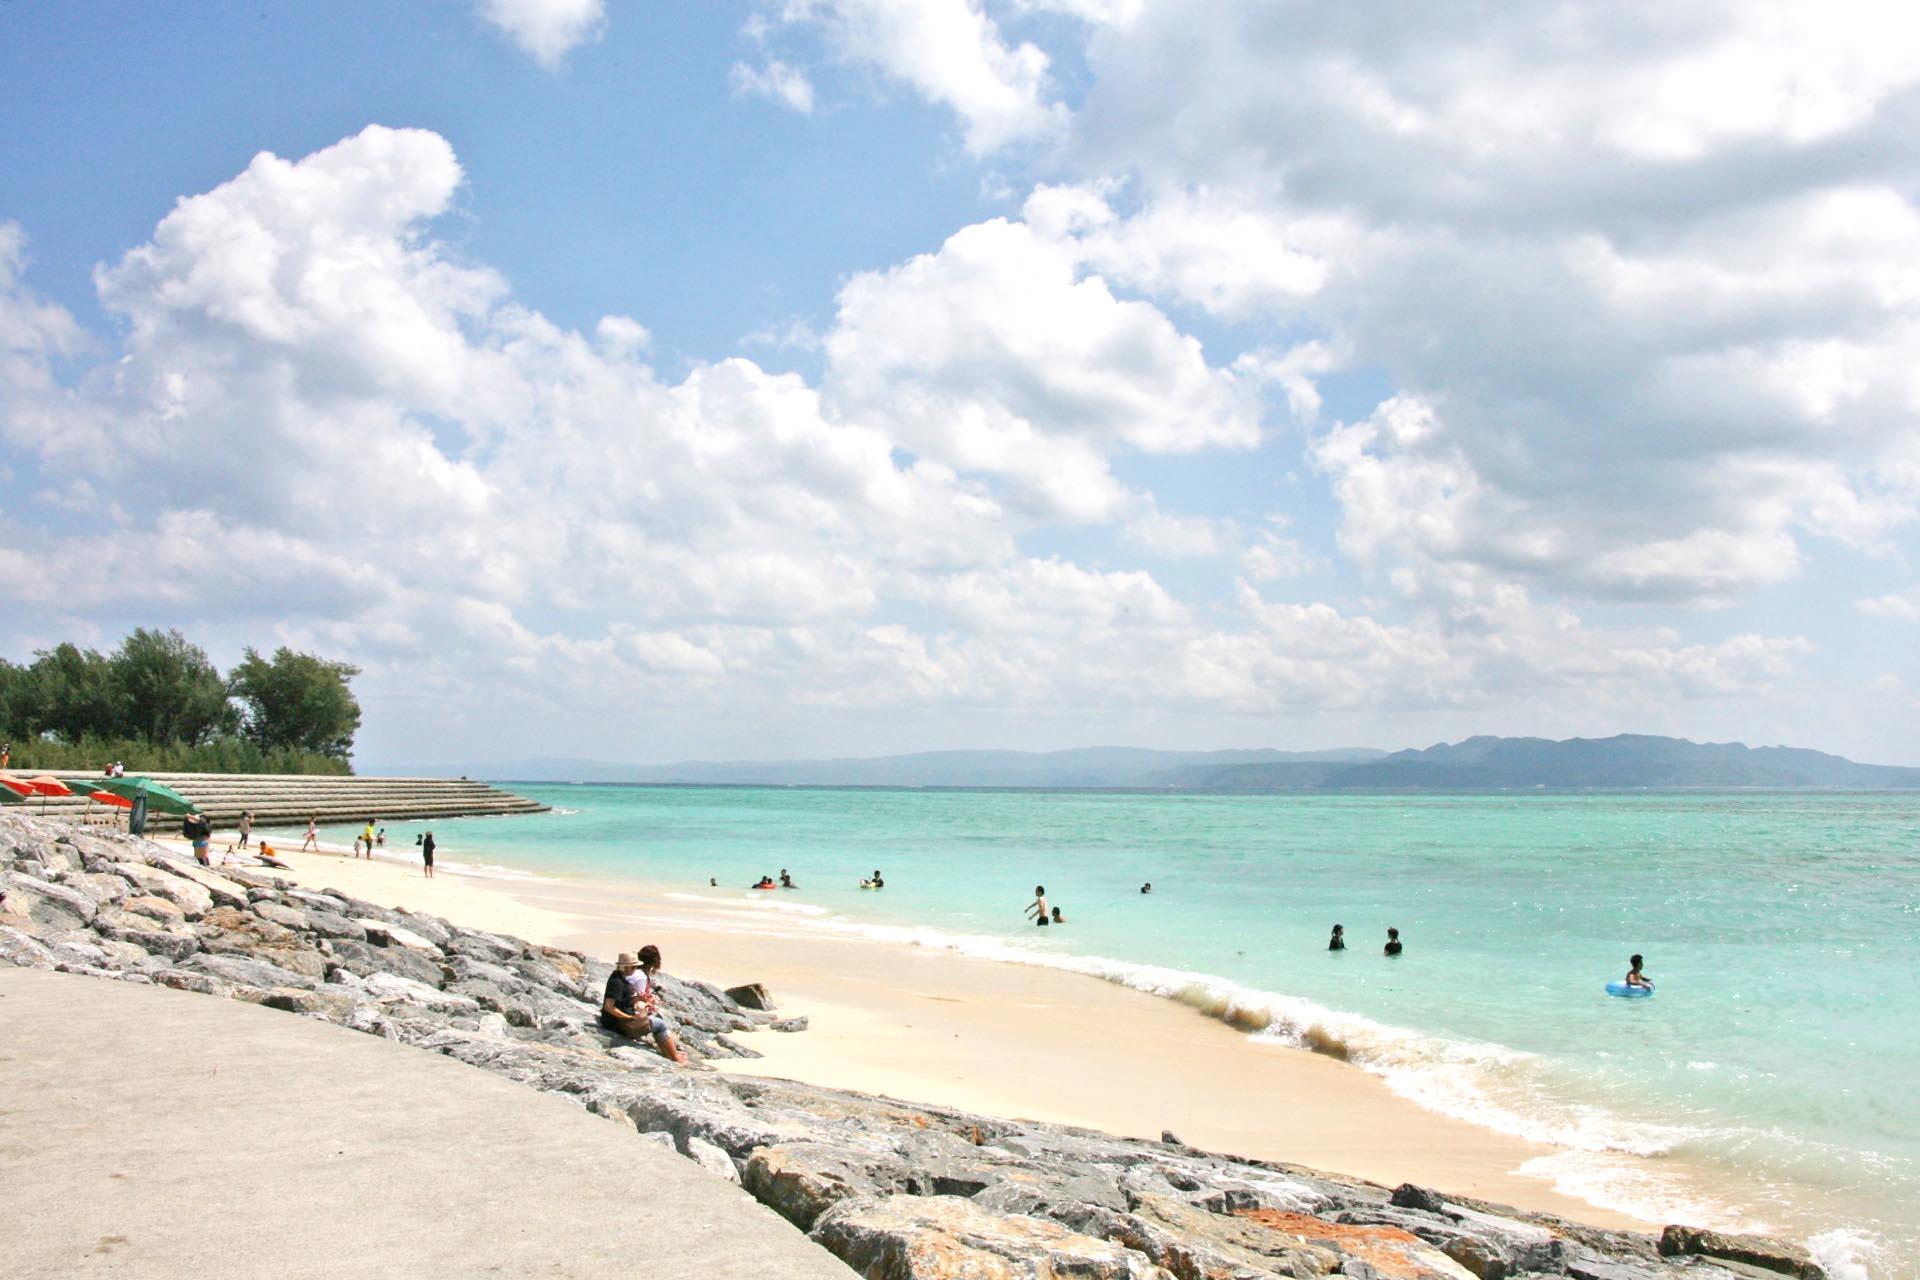 古宇利島の風景 沖縄の風景